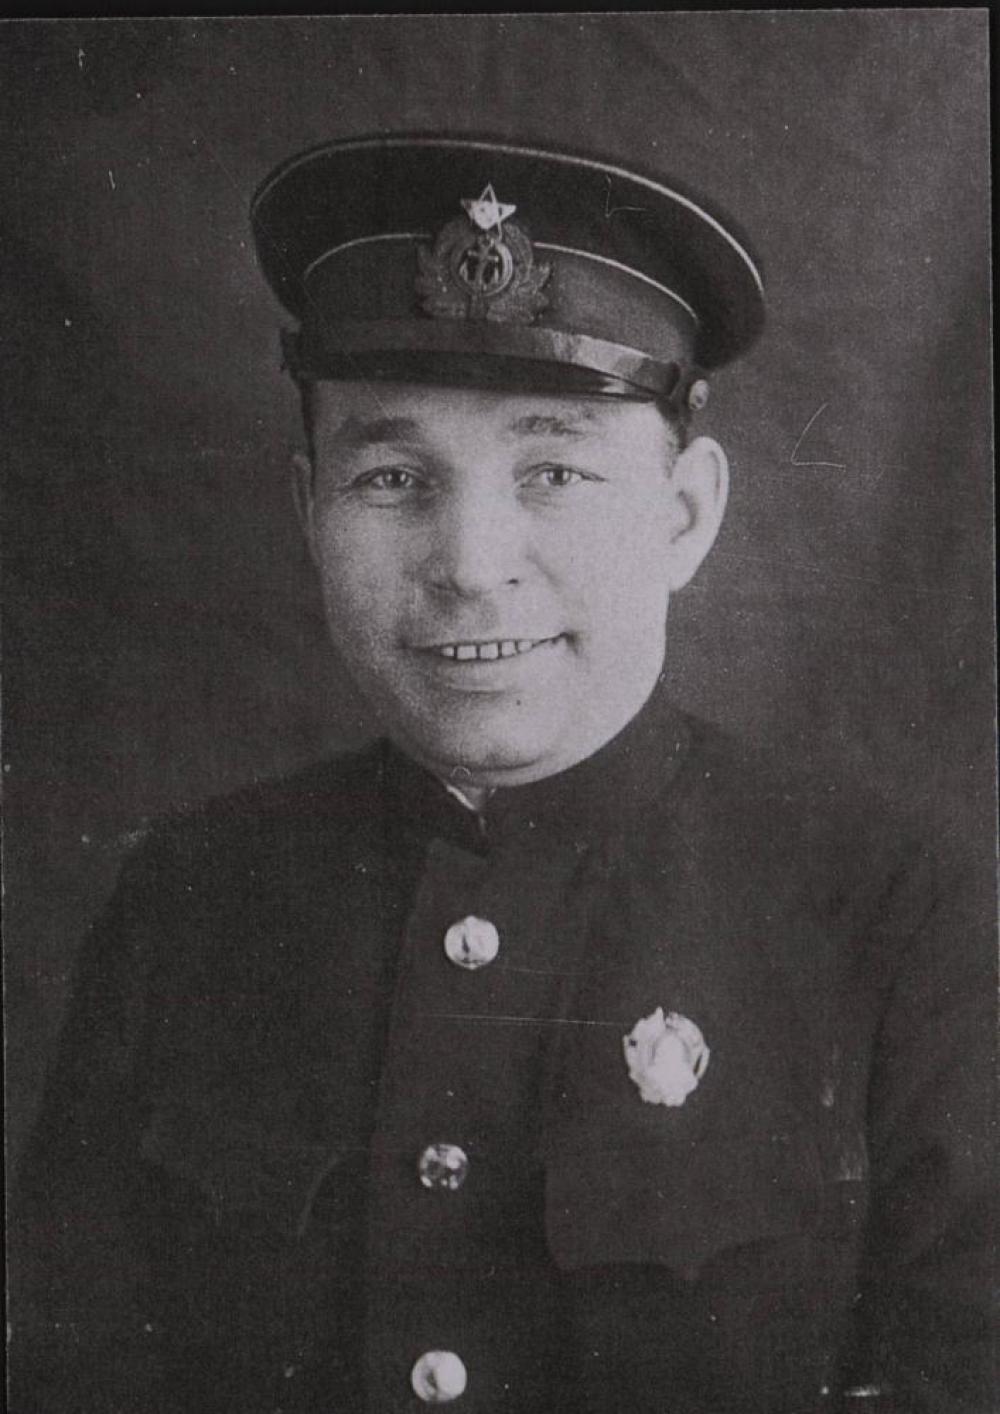 С.С. Шахов - комиссар СШЮ ВМФ в 1943-1945 гг.